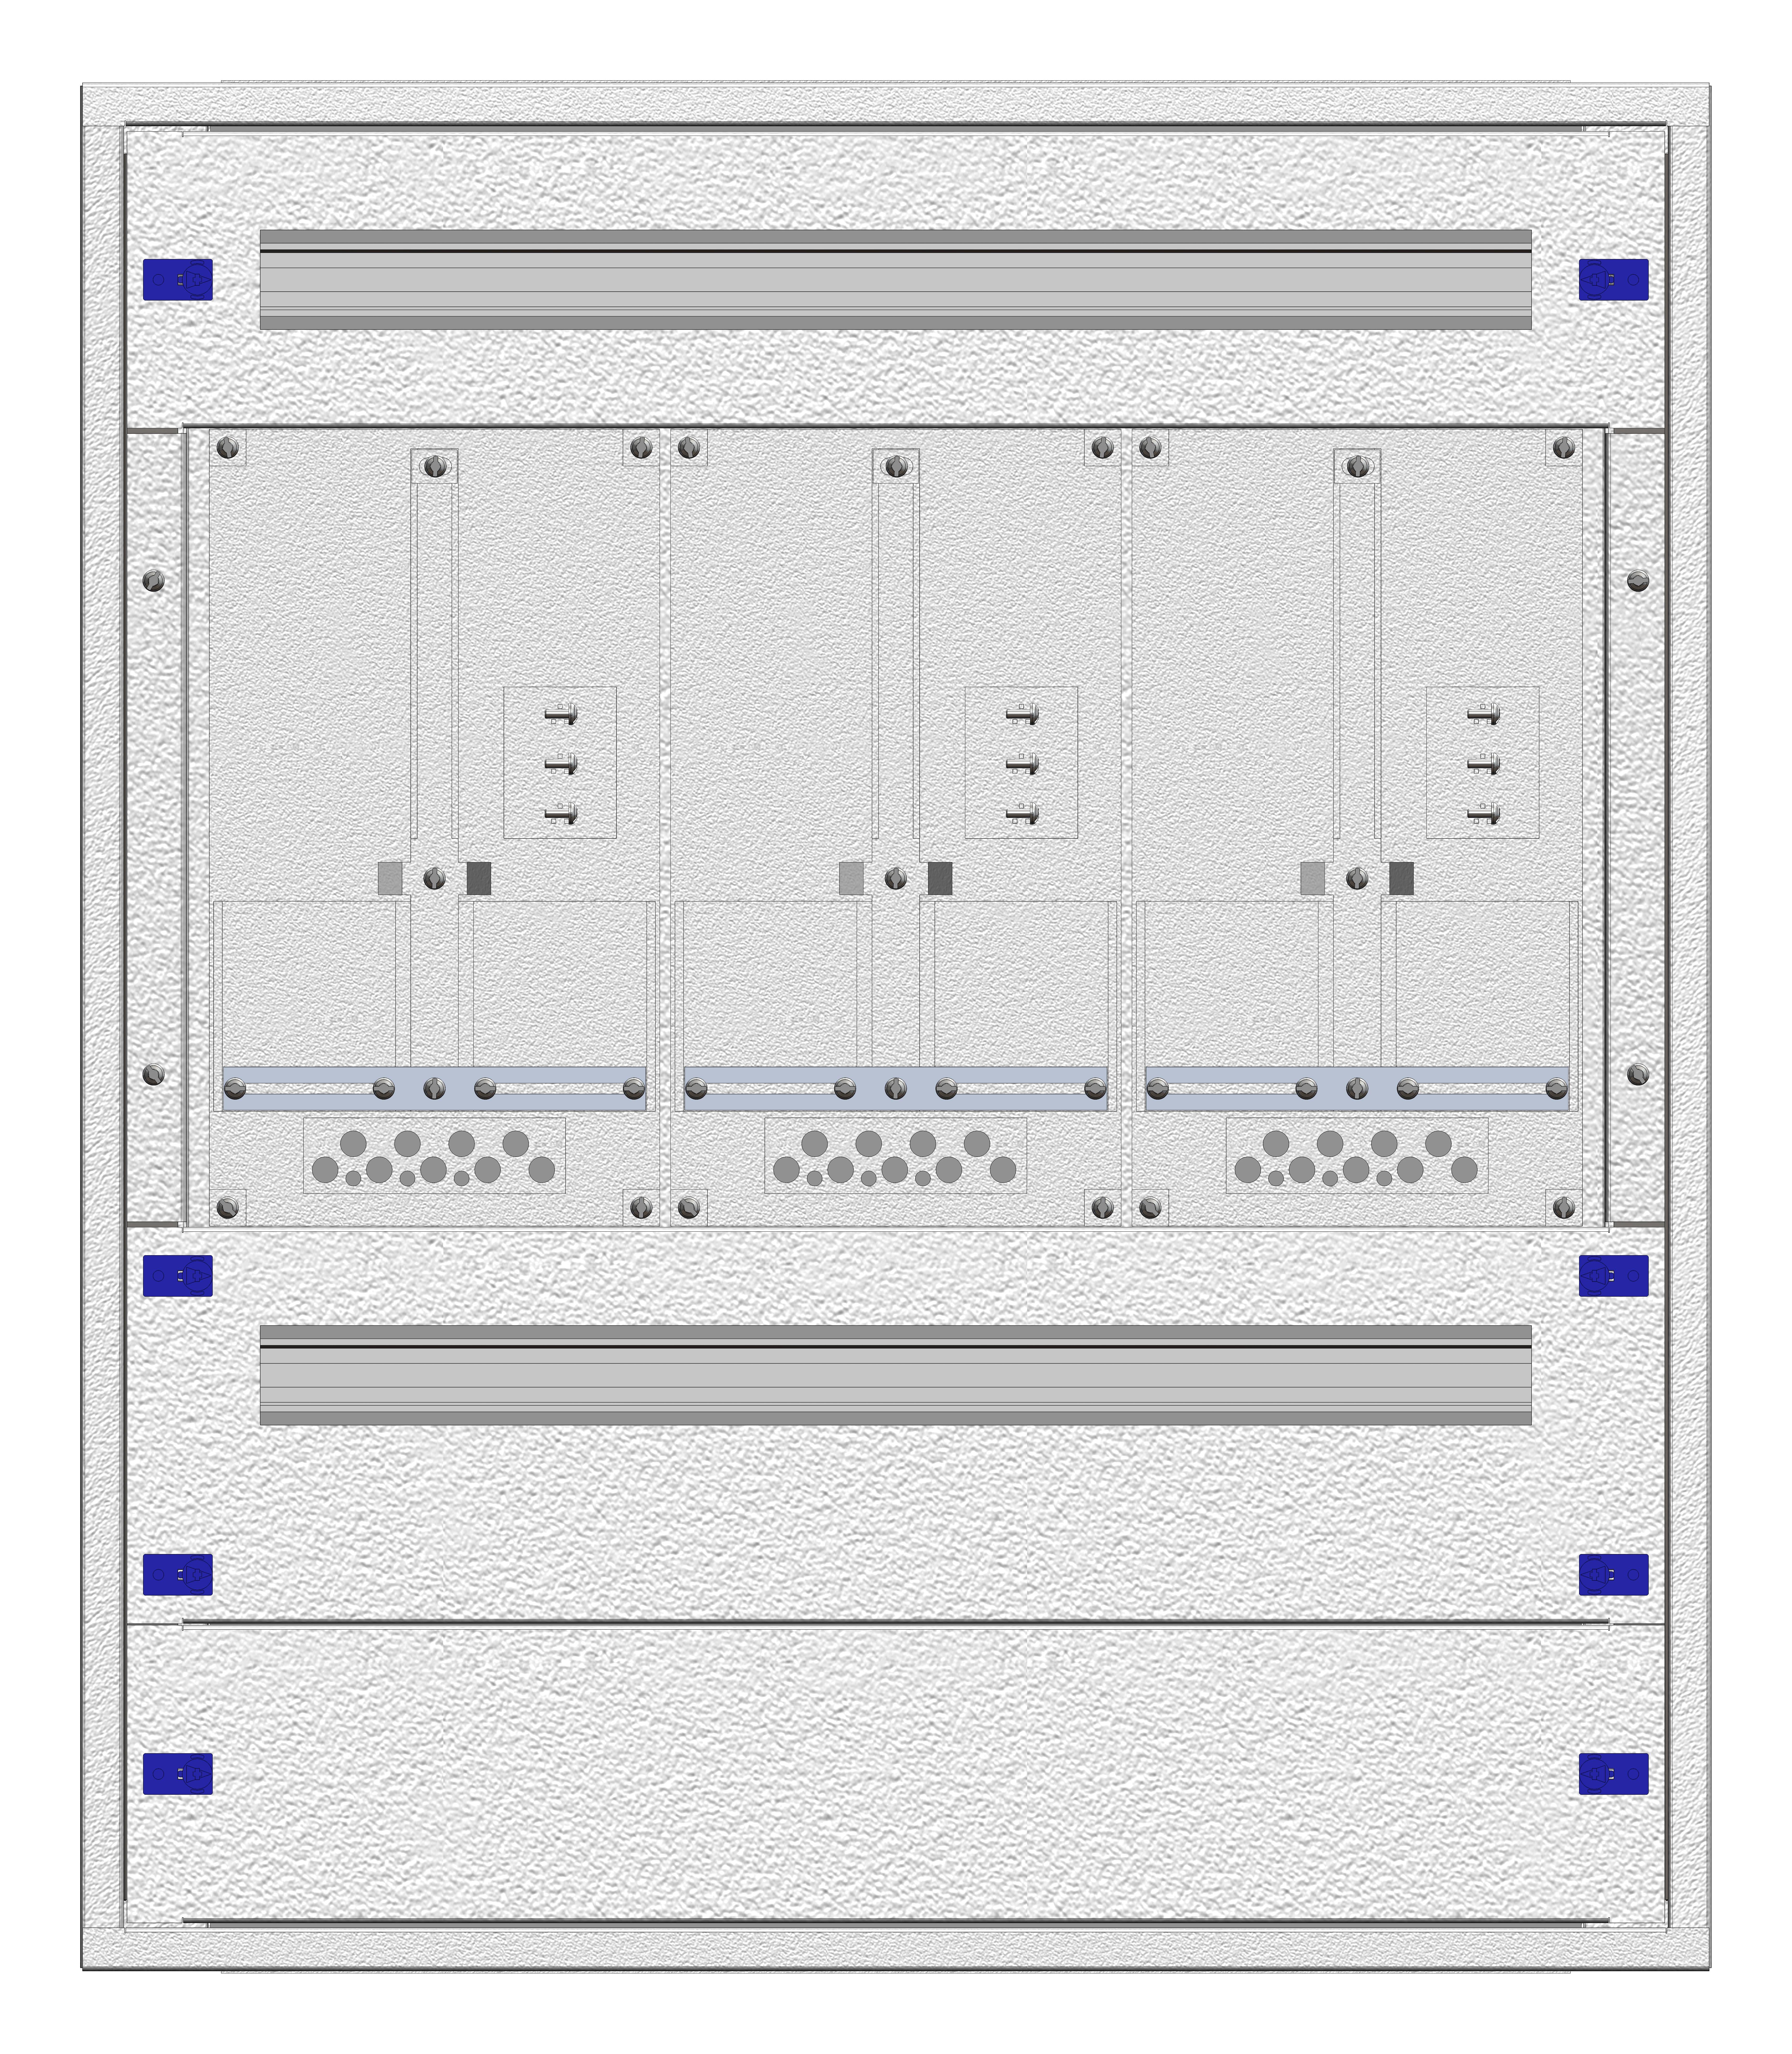 1 Stk Aufputz-Zählerverteiler 3A-18E/WIEN 3ZP, H915B810T250mm IL160318WS